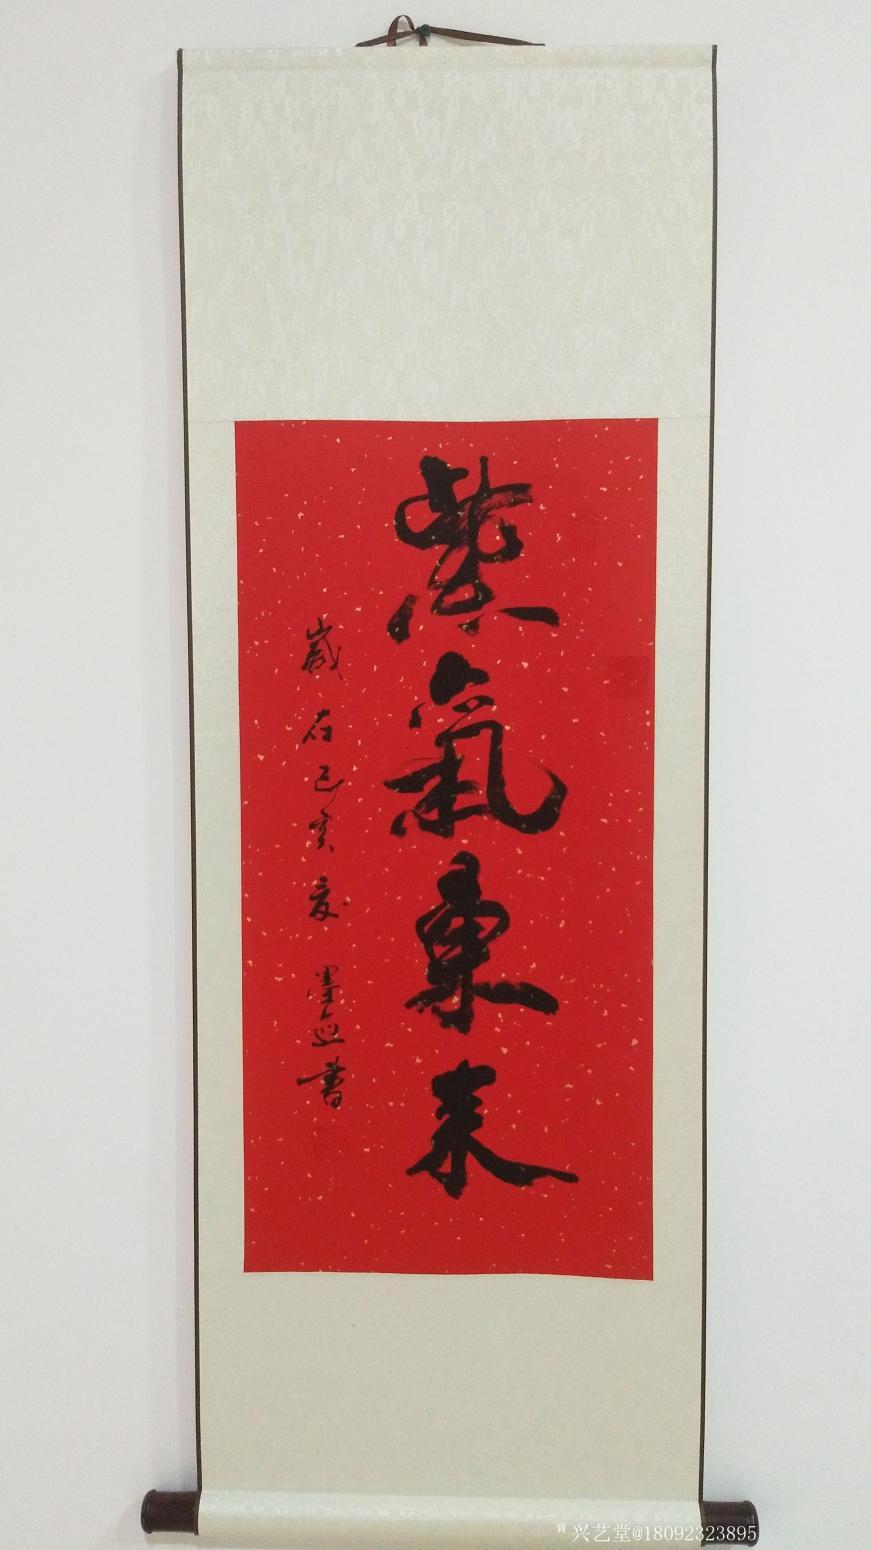 陕西大秦书画院书法作品《丁延中四尺四开作品》